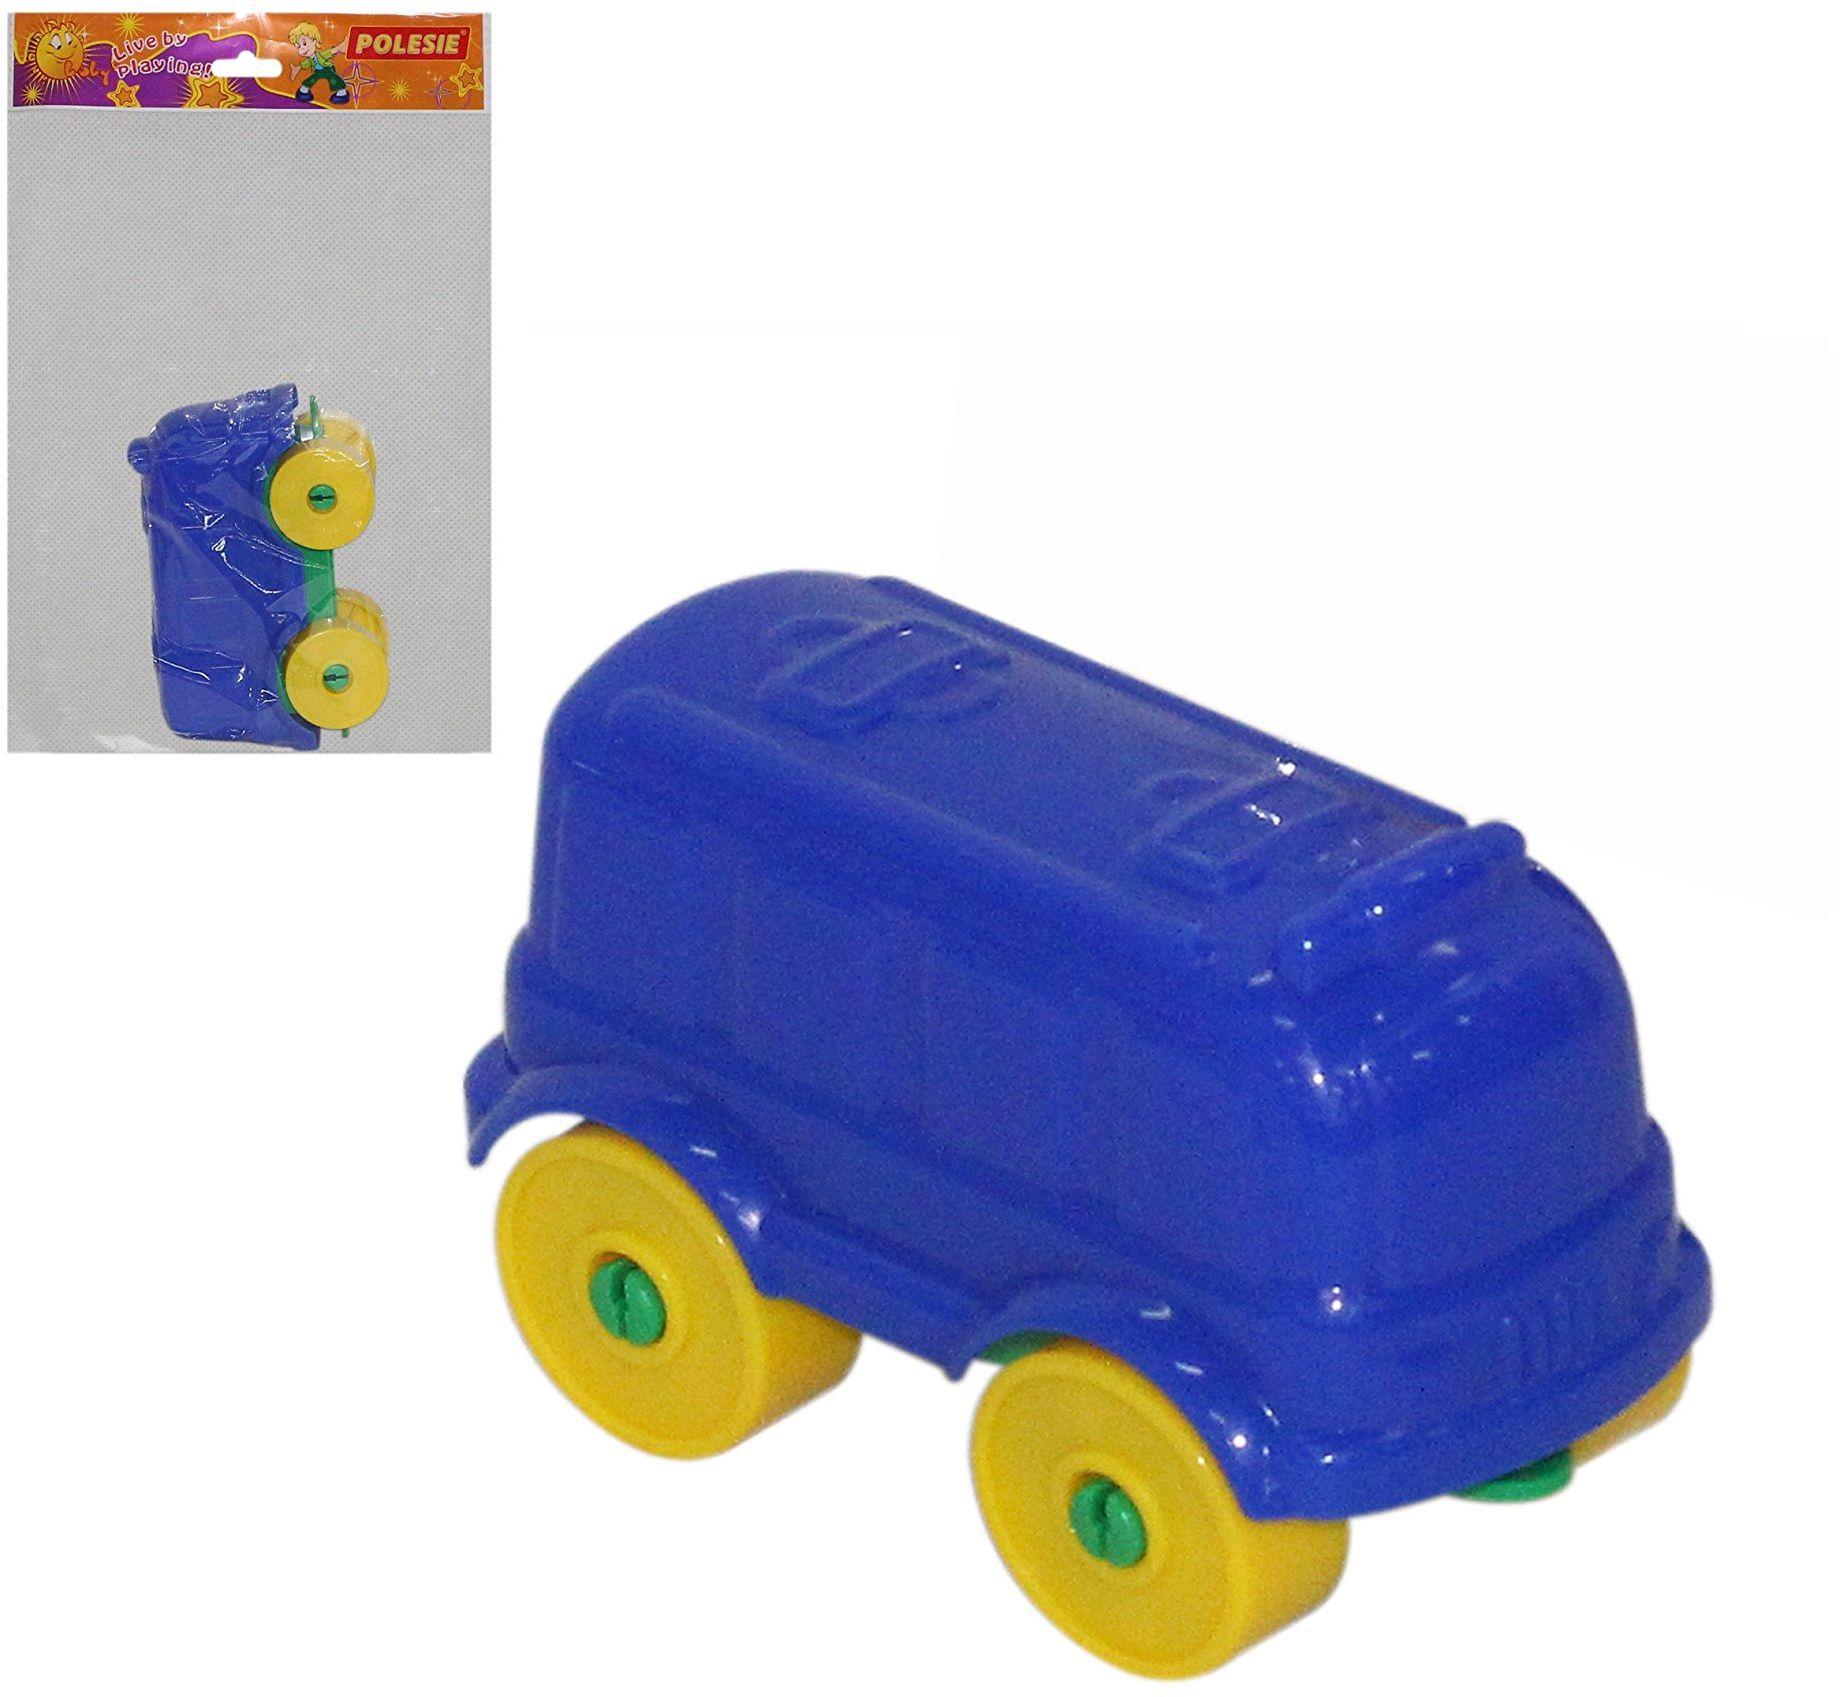 Polesie Polesie55309 zestaw zabawek dla młodych podróżników  6 sztuk, wielokolorowe